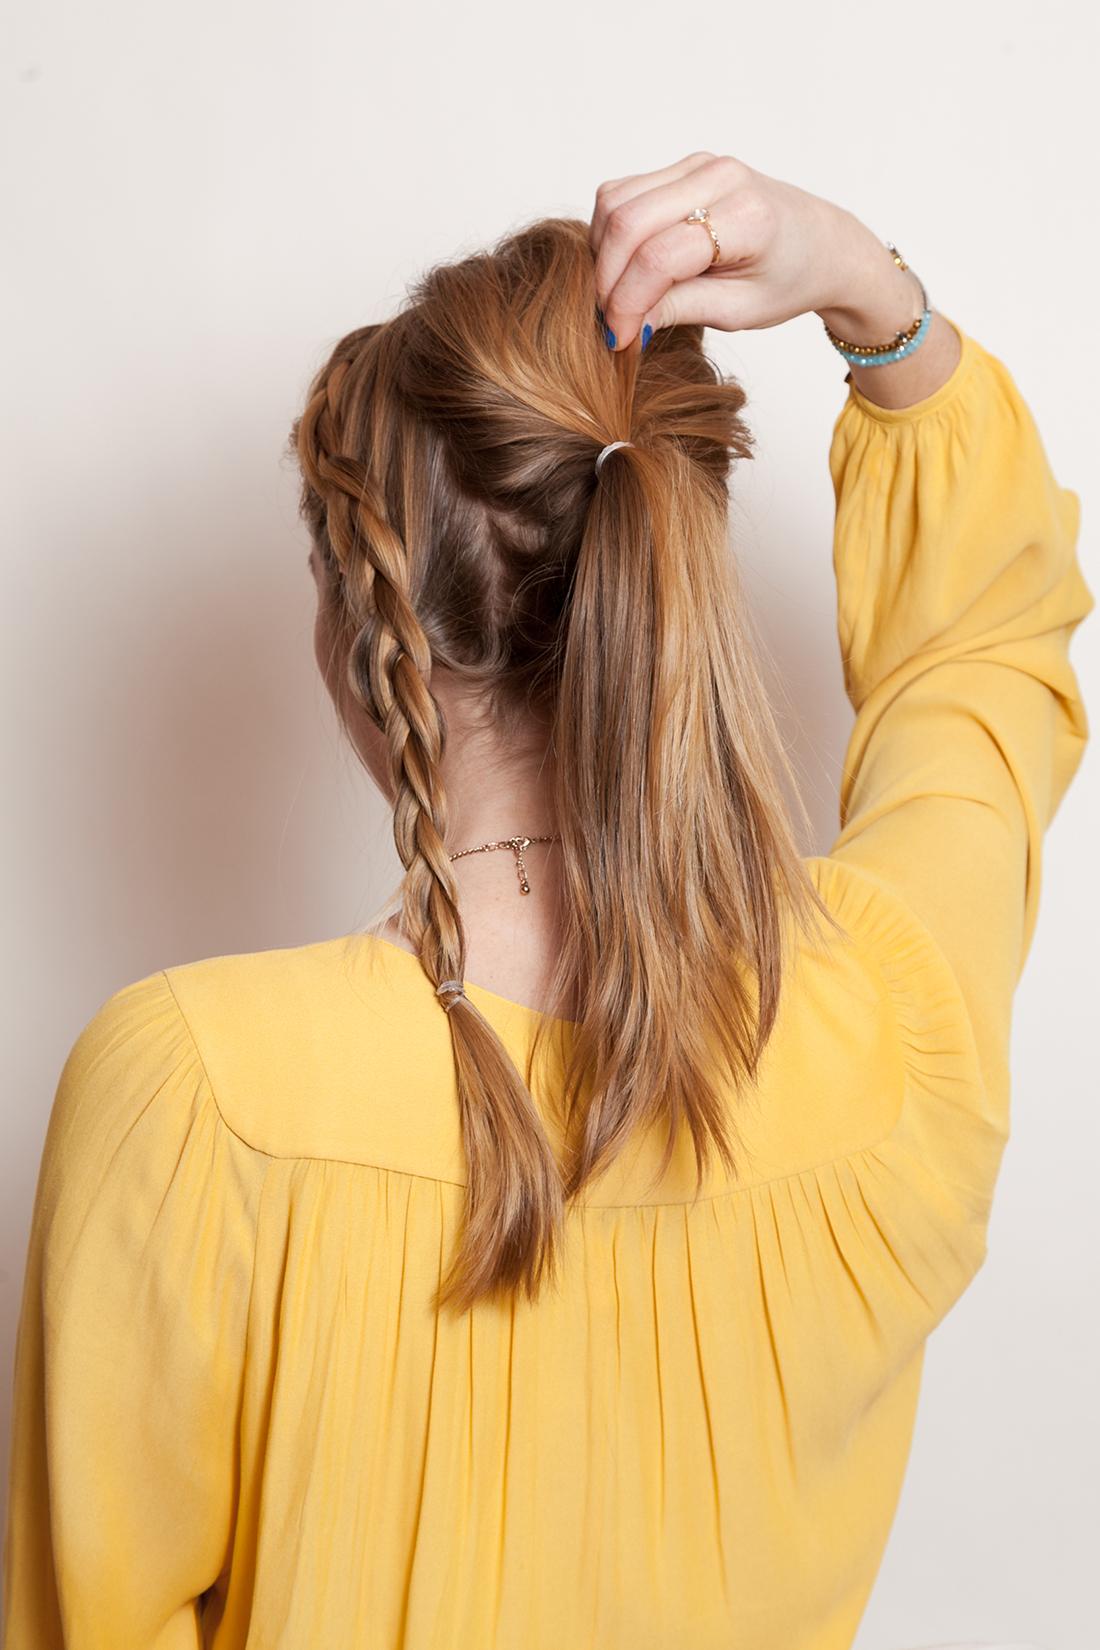 مدل دم اسبی بستن مو به روشی جدید